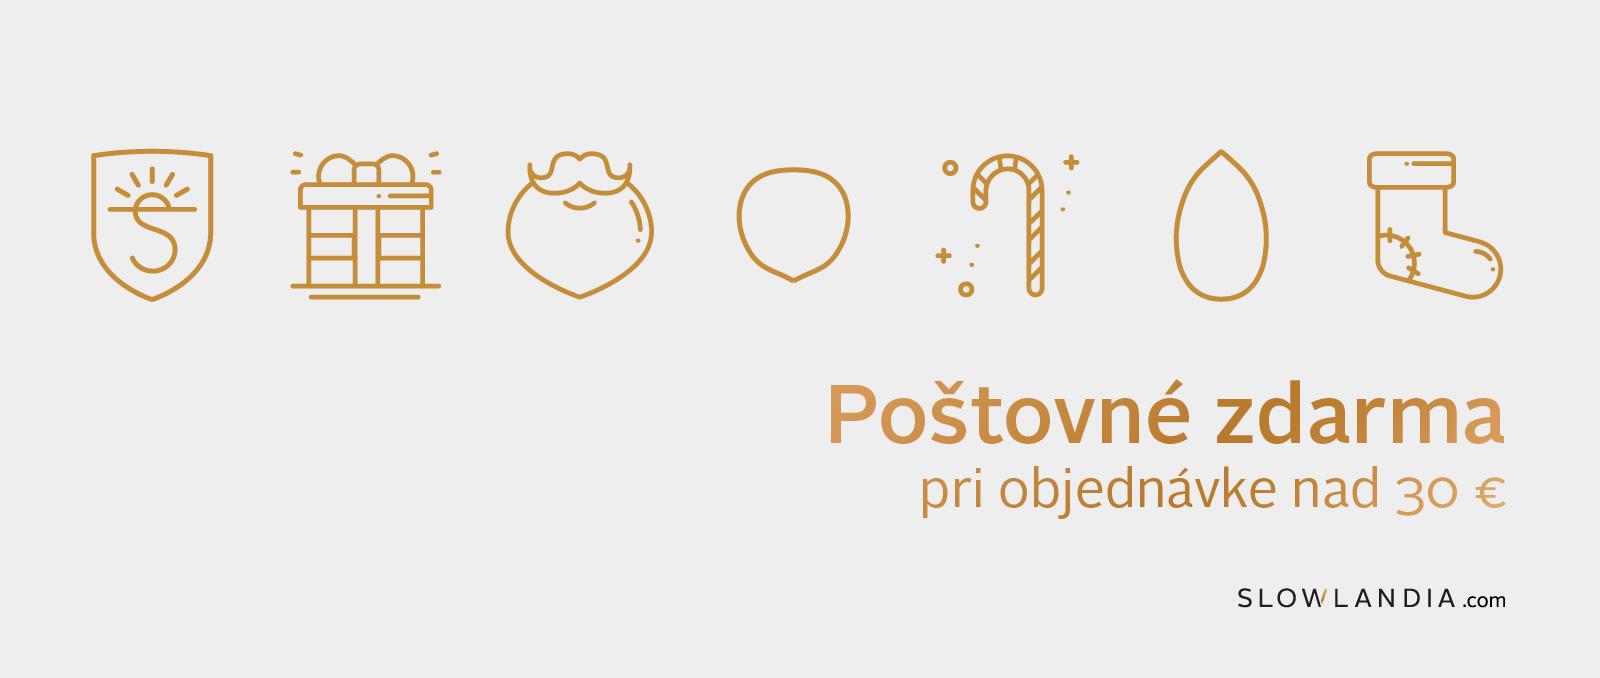 Banner_Postovne_zdarma_Slowlandia.com